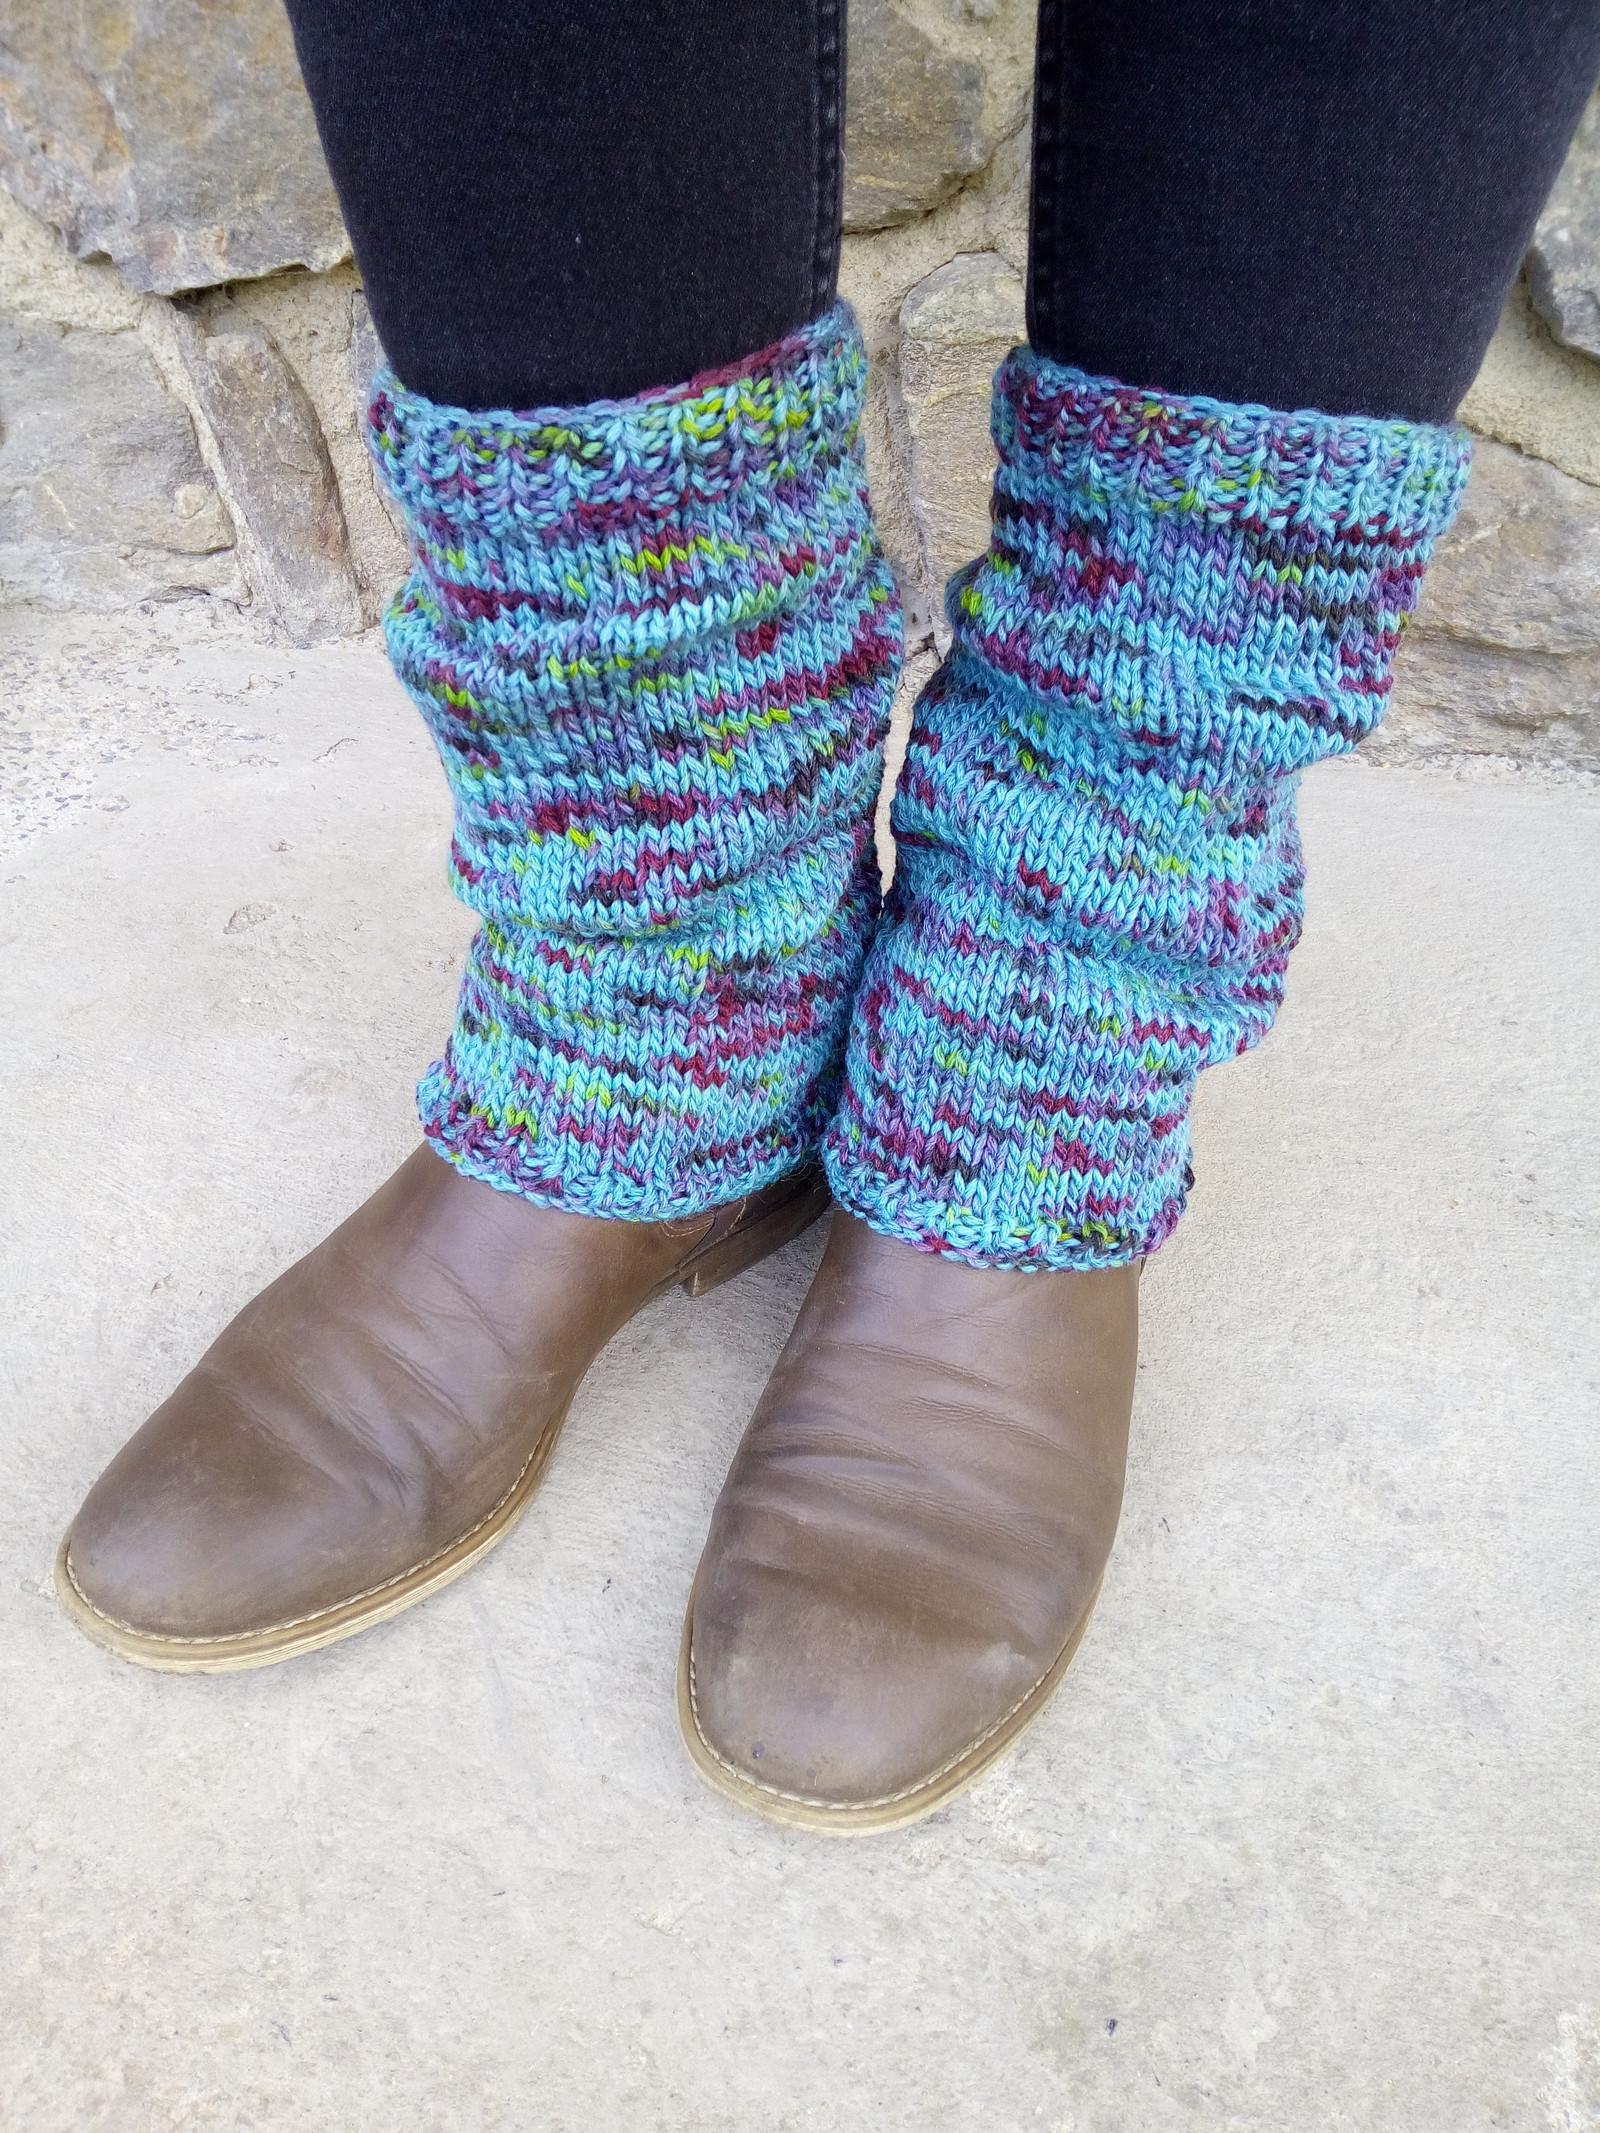 e85141f2b2e Návleky na nohy MERINO   Zboží prodejce Pletu pro dospělé